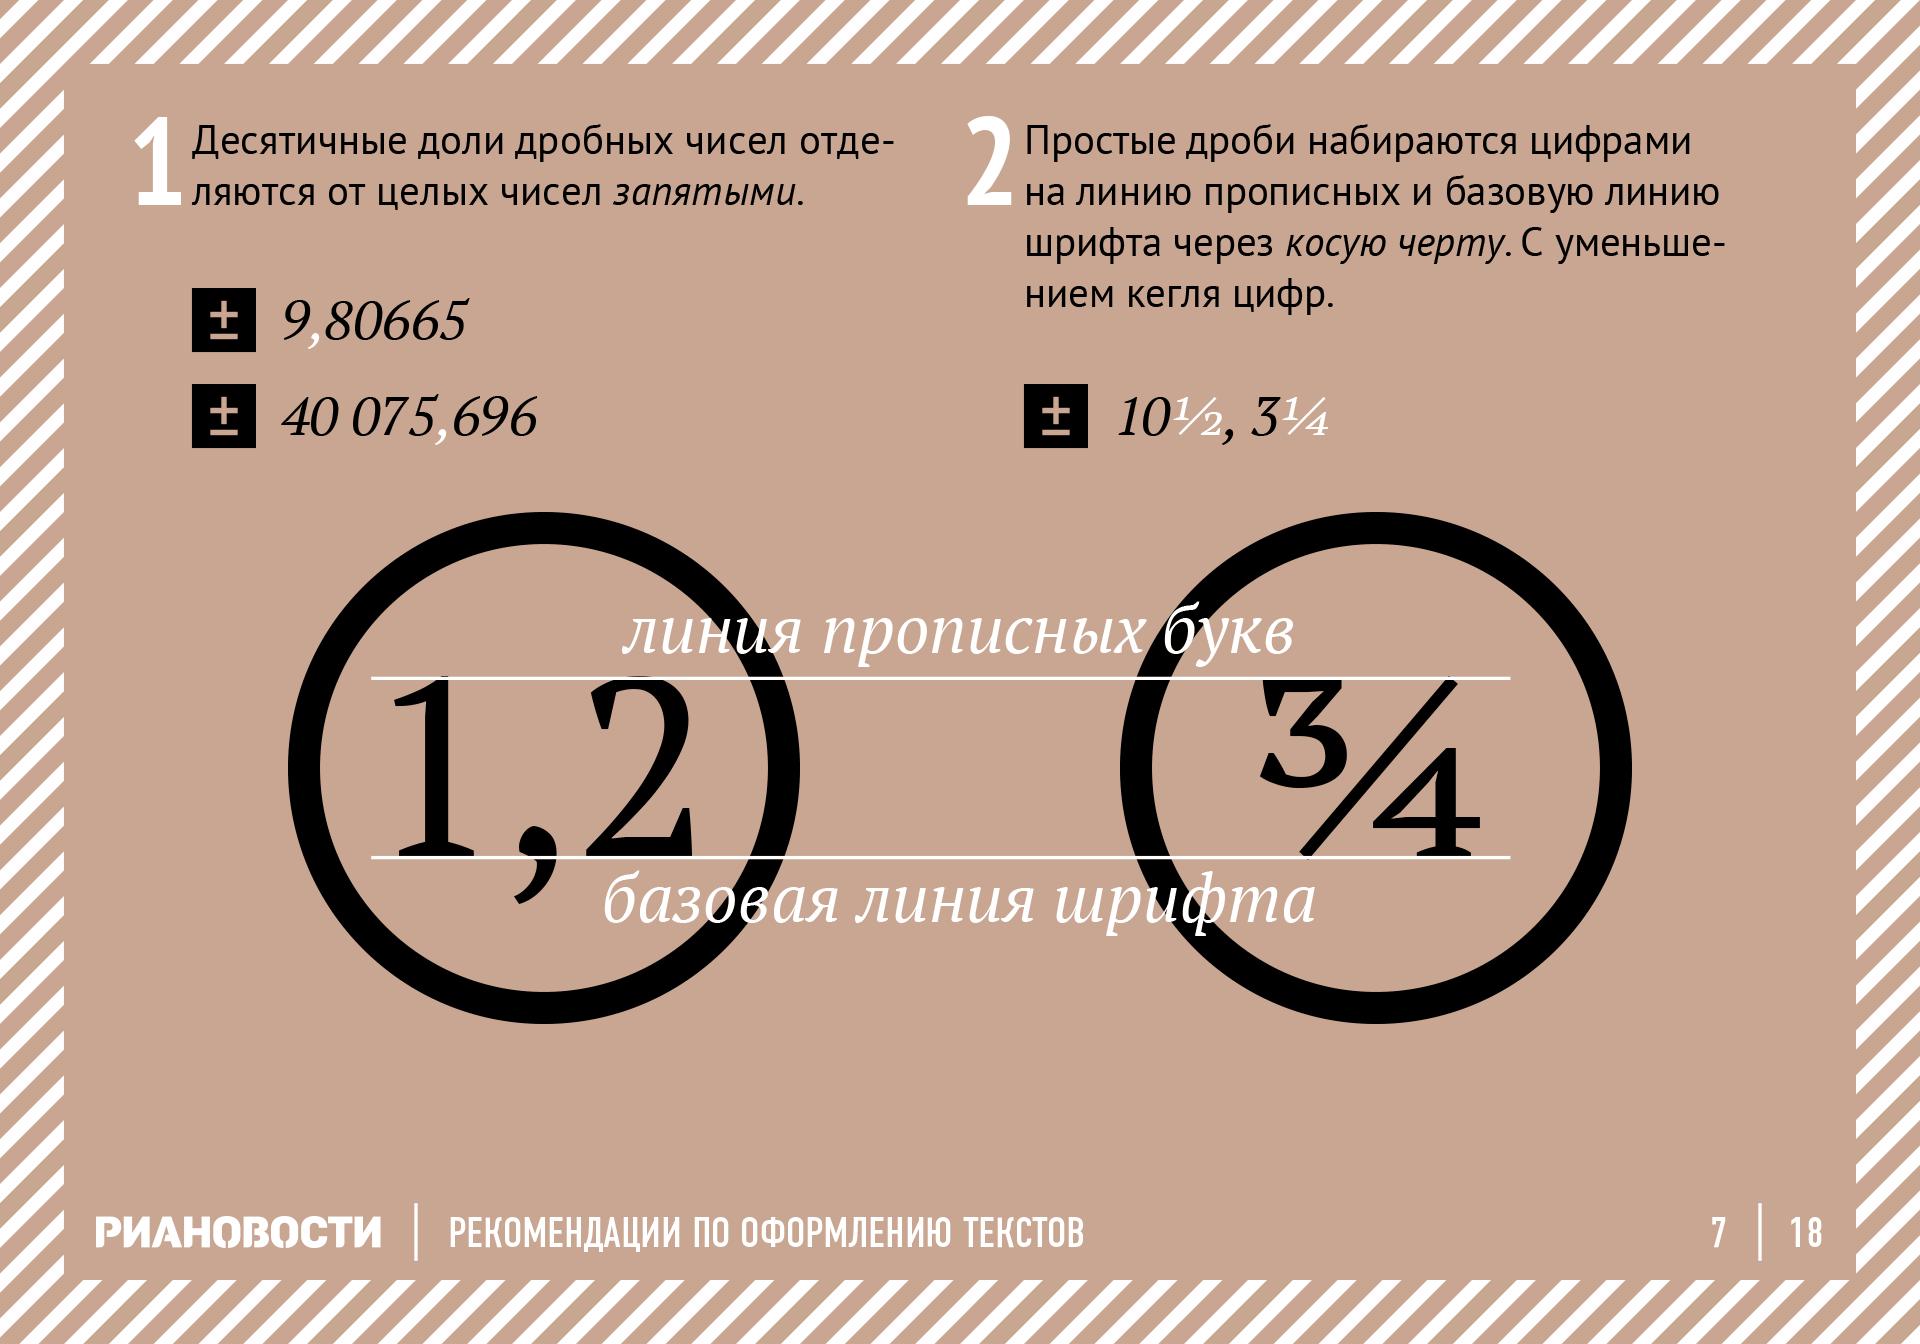 Рекомендации по оформлению текстов. Дроби. RIA